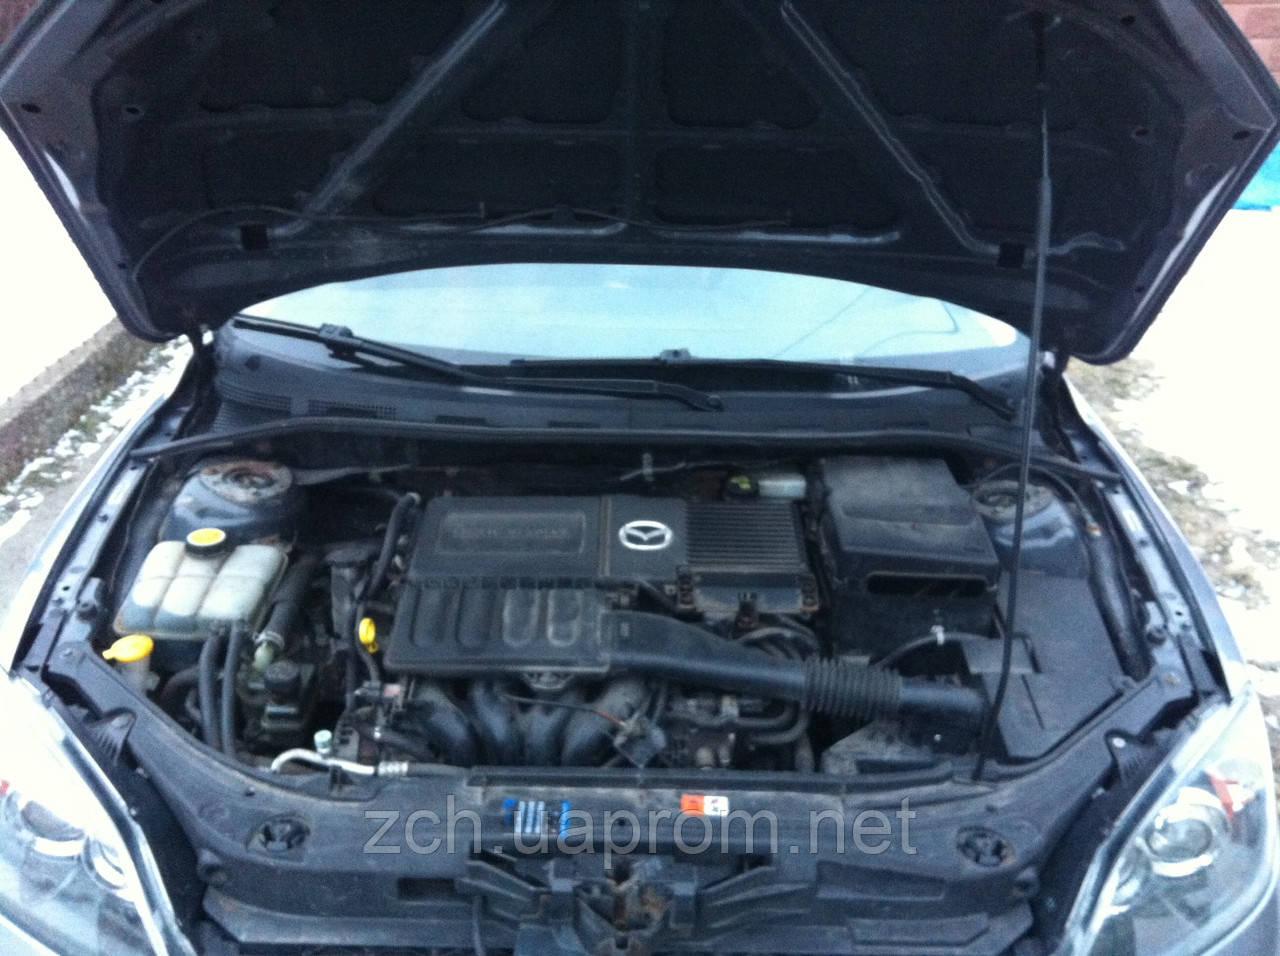 Блок управления двигателем 1.6 и 2.0 Mazda 3 sedan